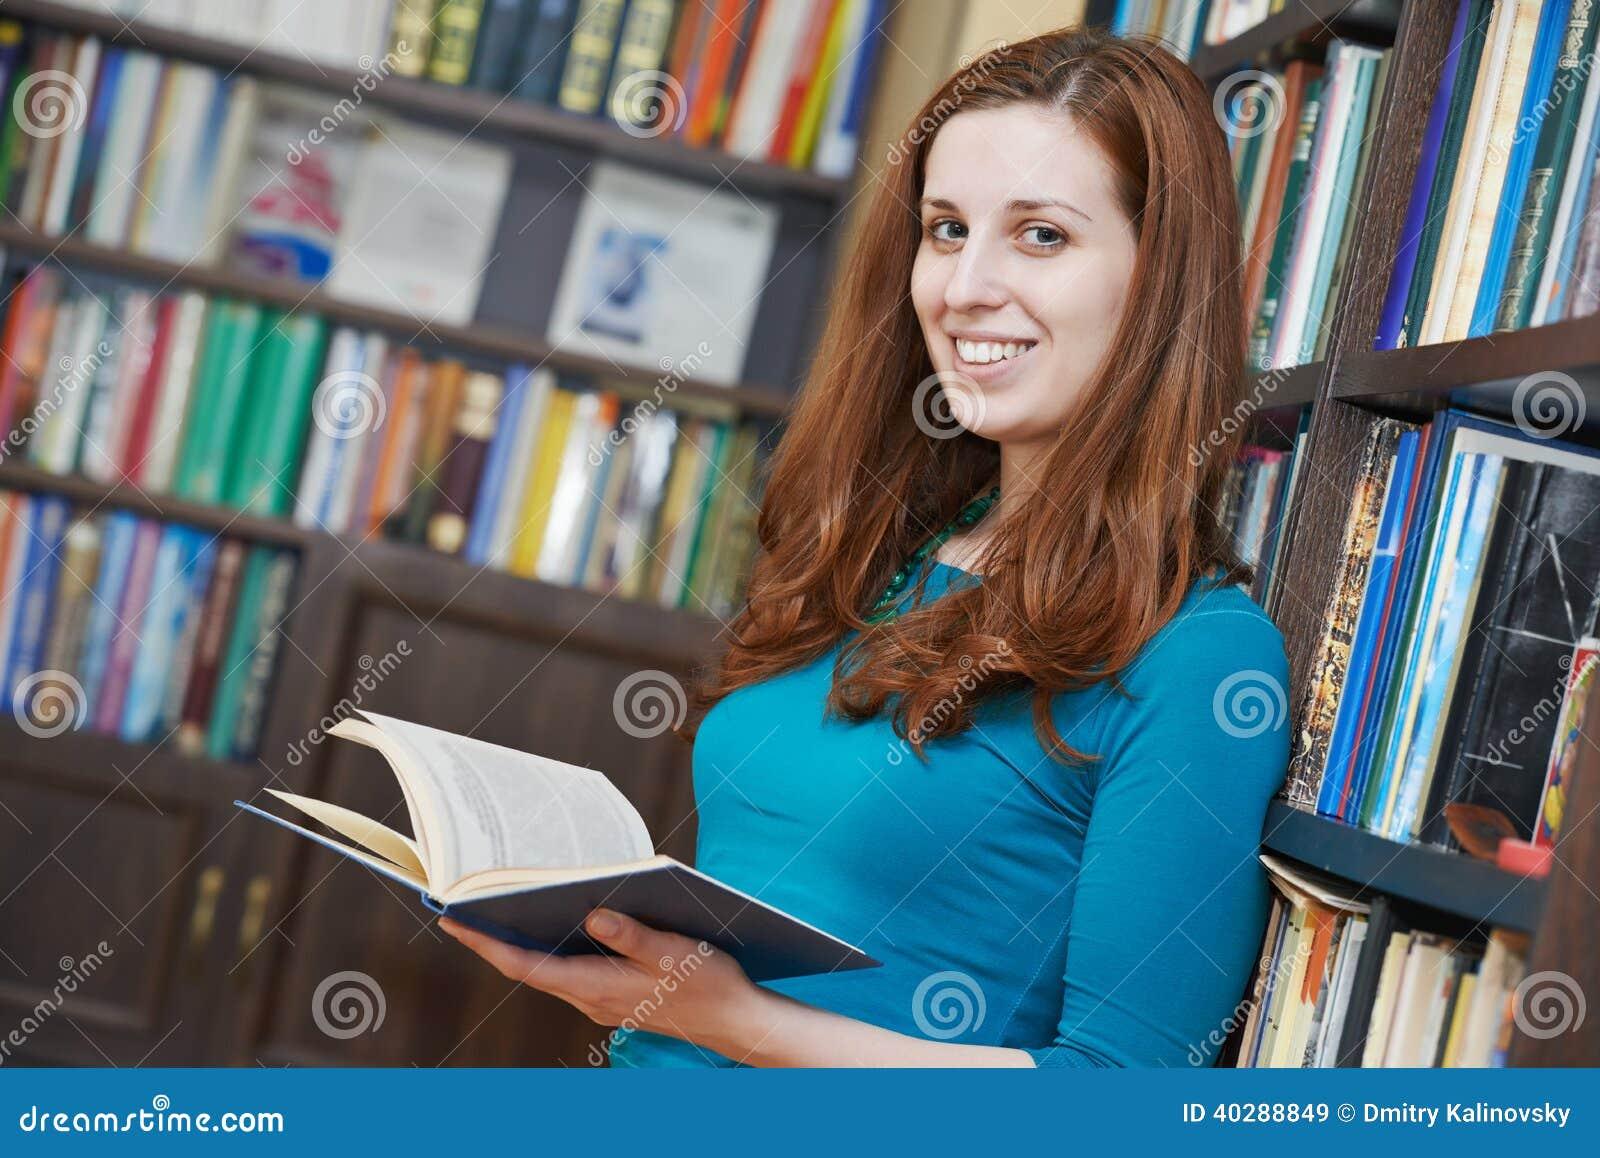 Молодая женщина с книгой в библиотеке